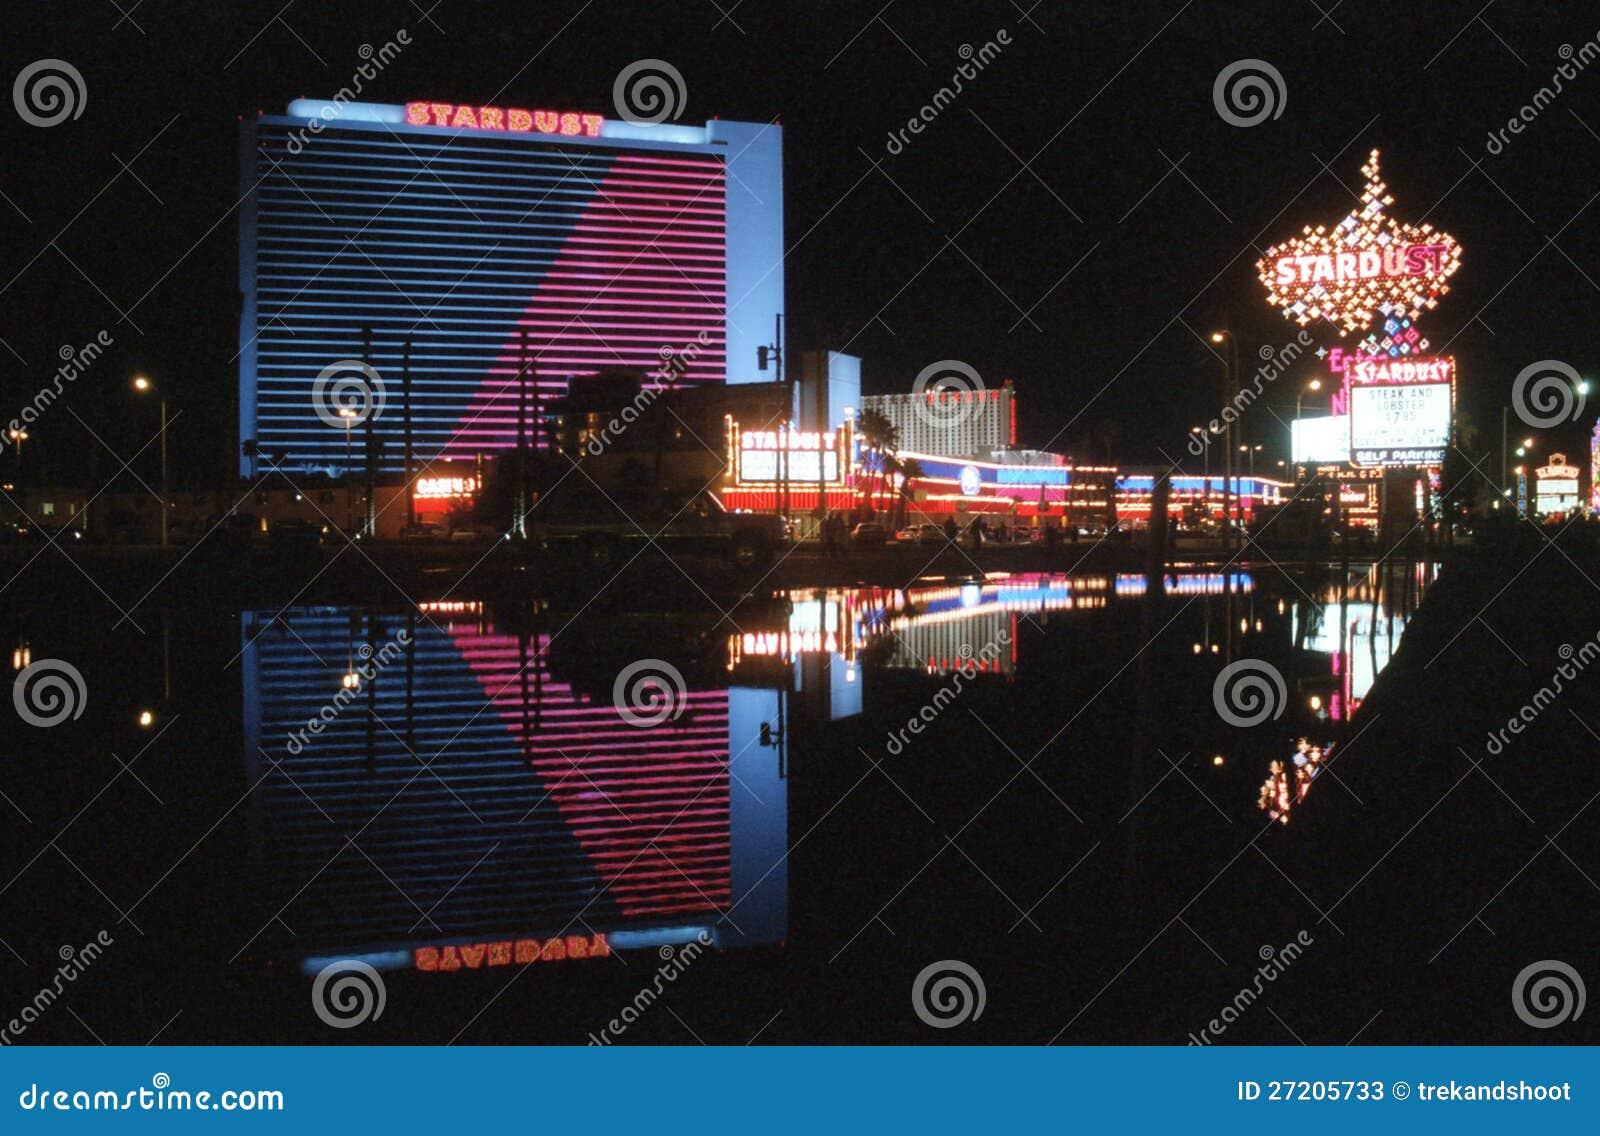 Stardust resort casino merchandise casino free slot vegas